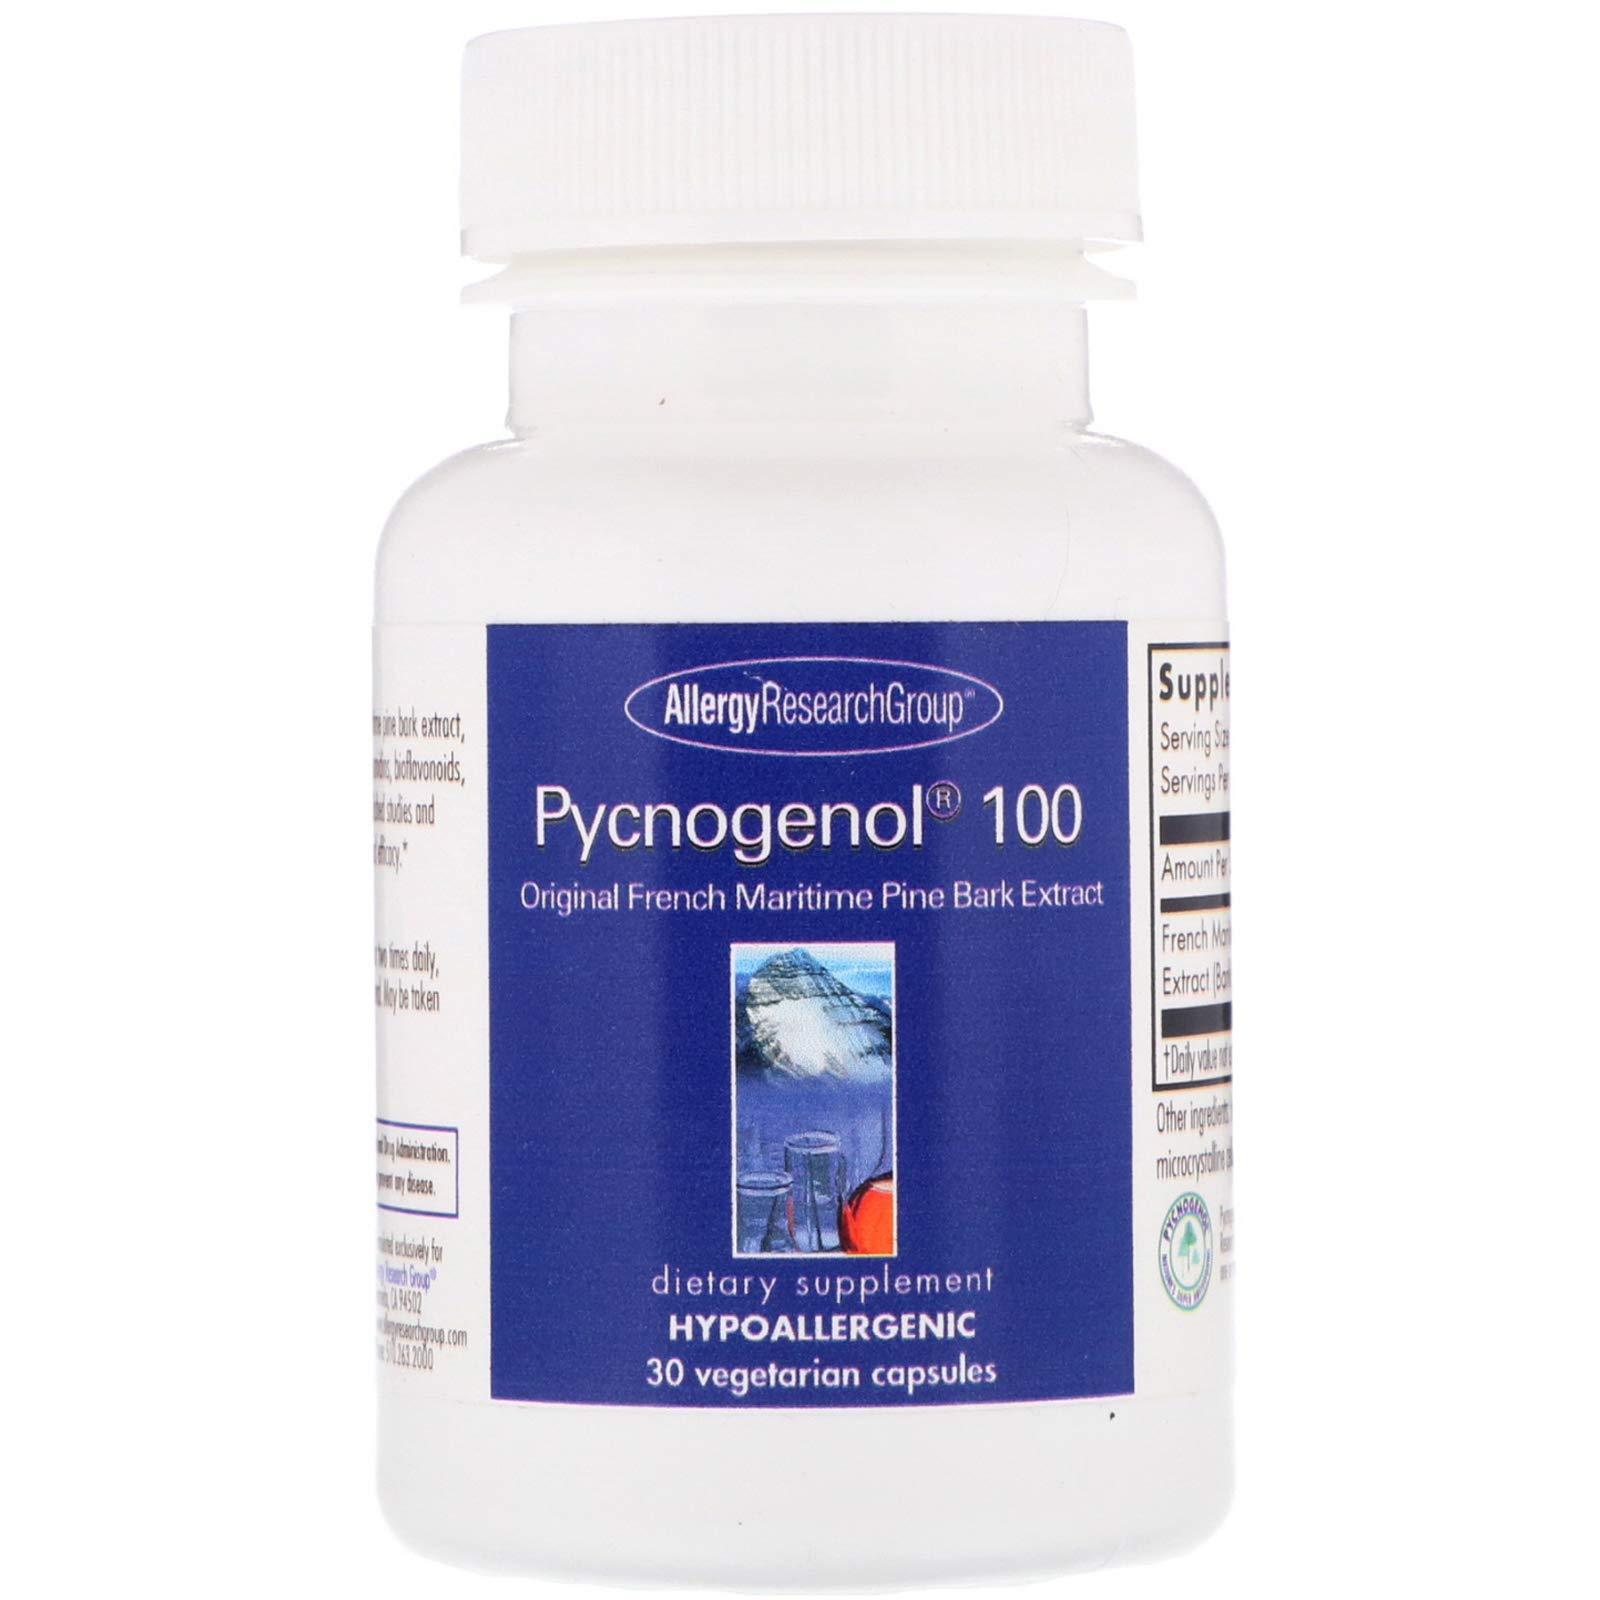 Allergy Research Group Pycnogenol 100 30 Vegetarian Capsules by Allergy Research Group